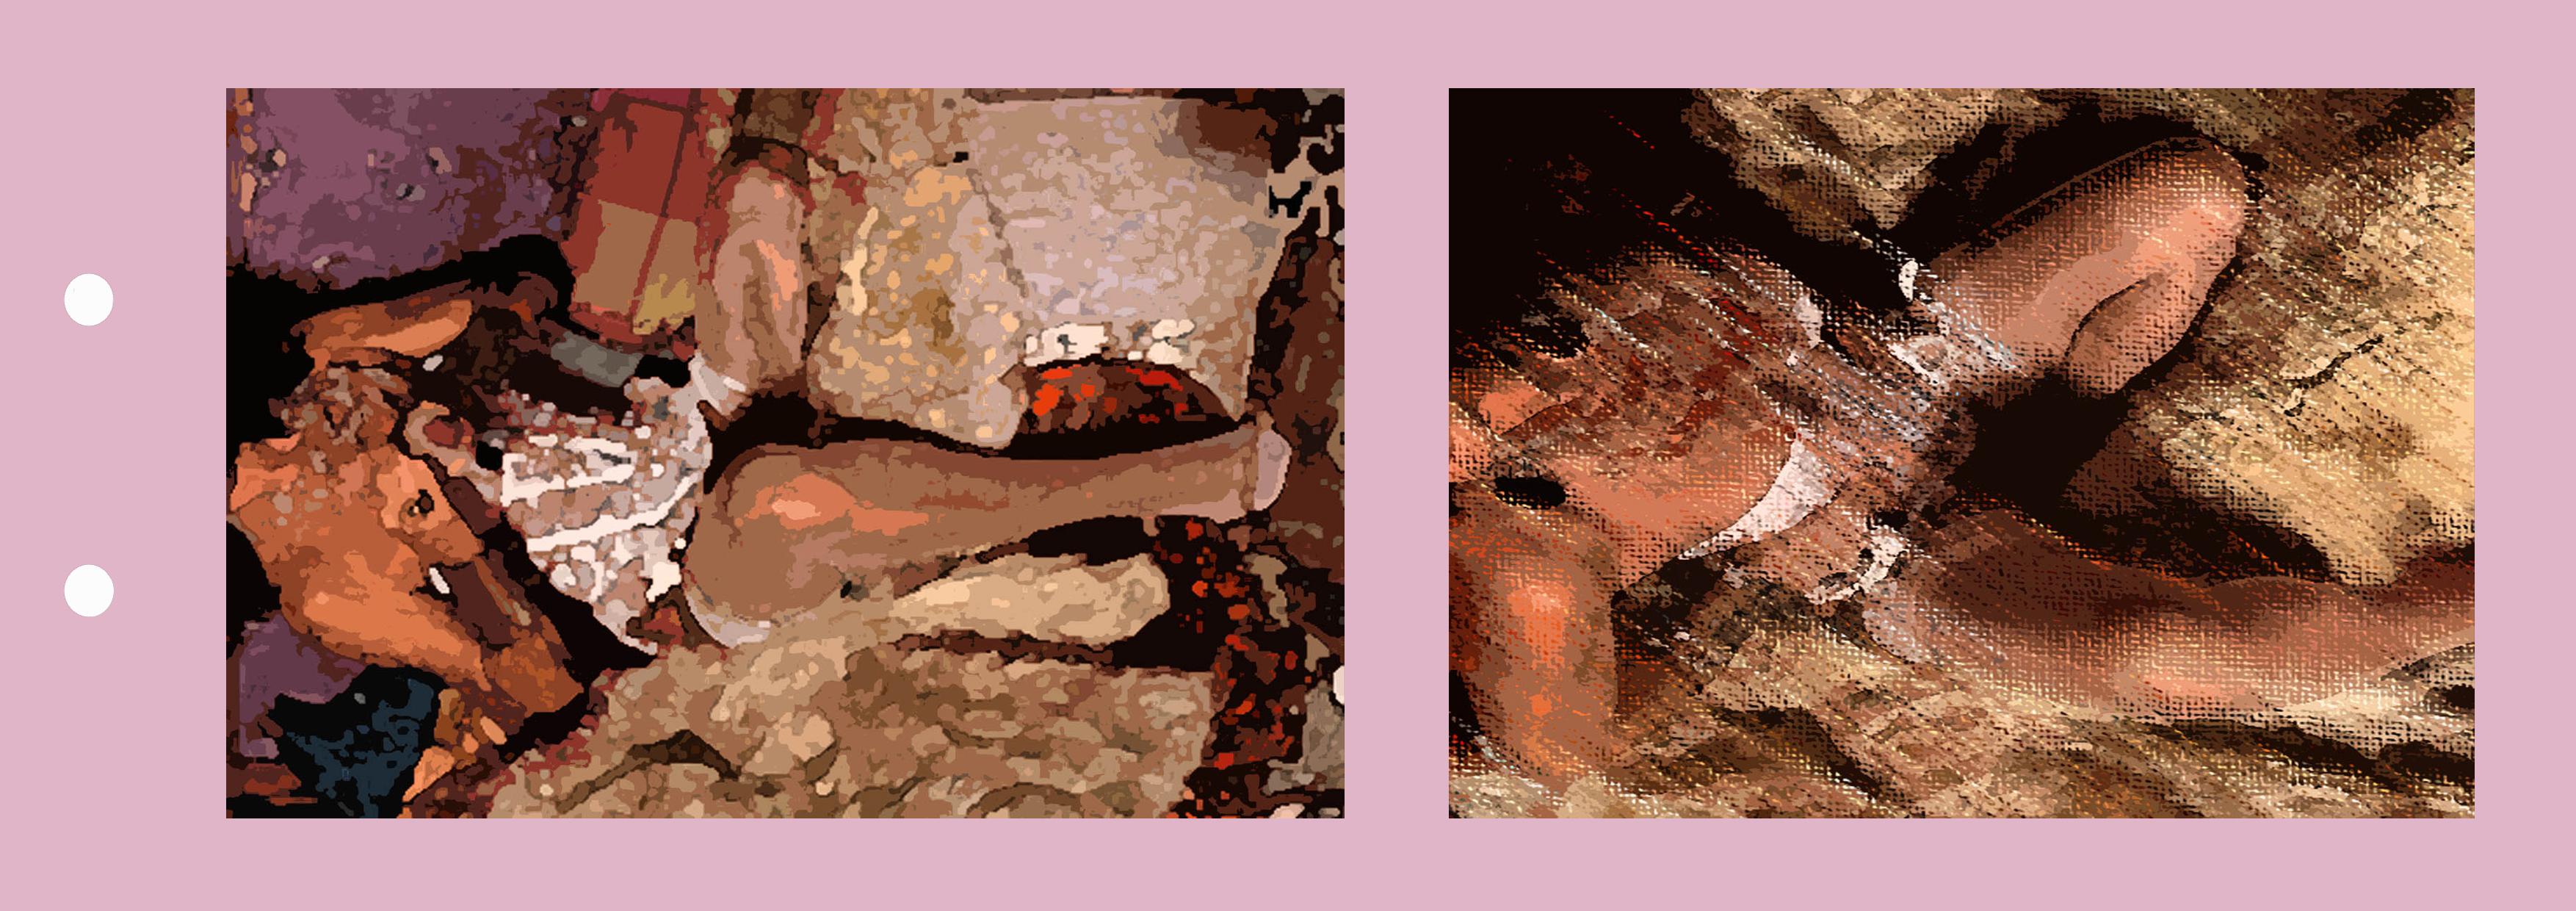 8-catalogo-ANTONIA+PEÑA-2-CORSET.jpg